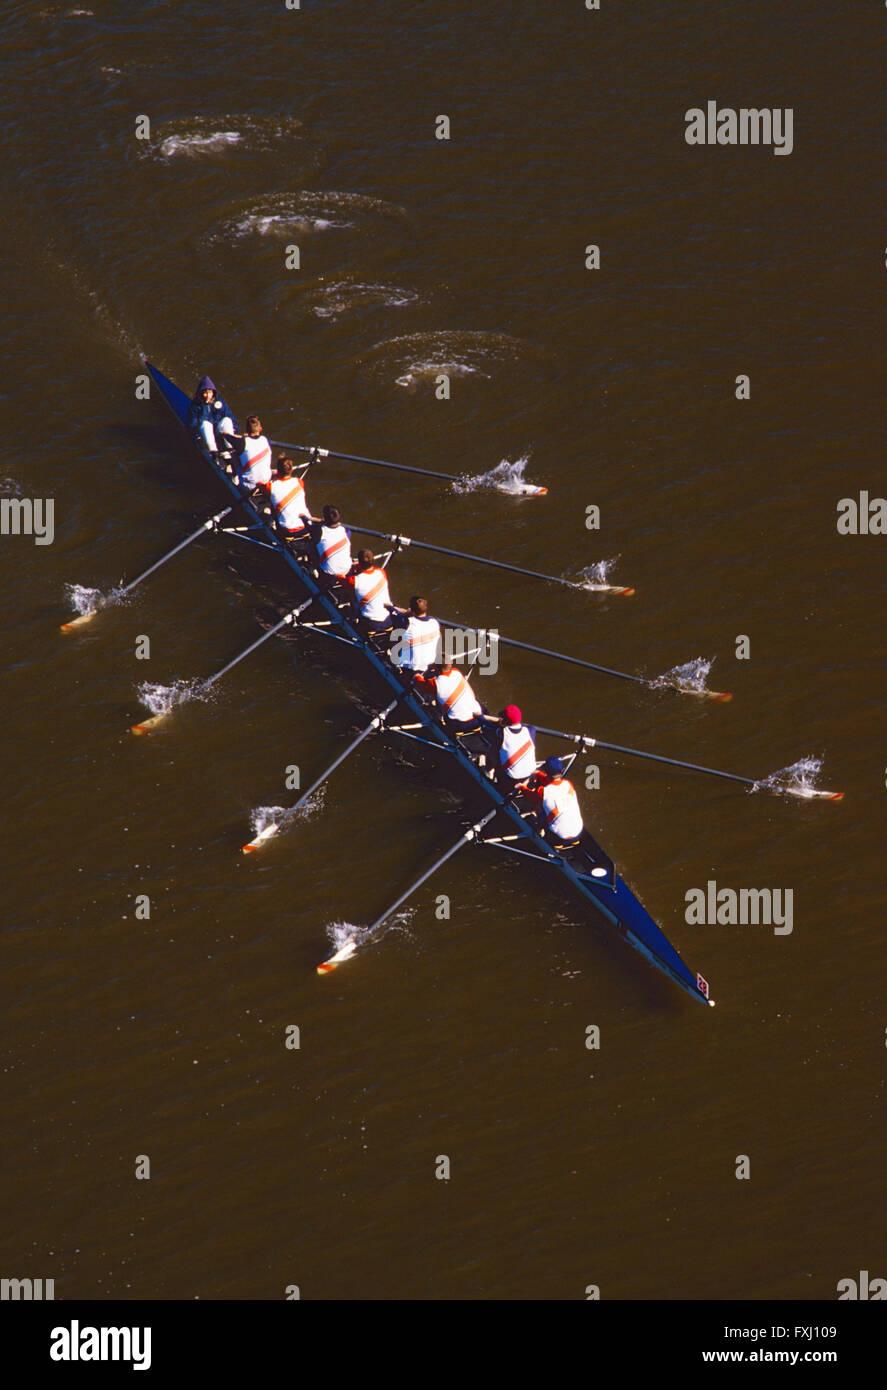 Scullers remare nella testa della regata Schuylkill; Fiume Schuykill; Philadelphia, Pennsylvania, STATI UNITI D'AMERICA Immagini Stock